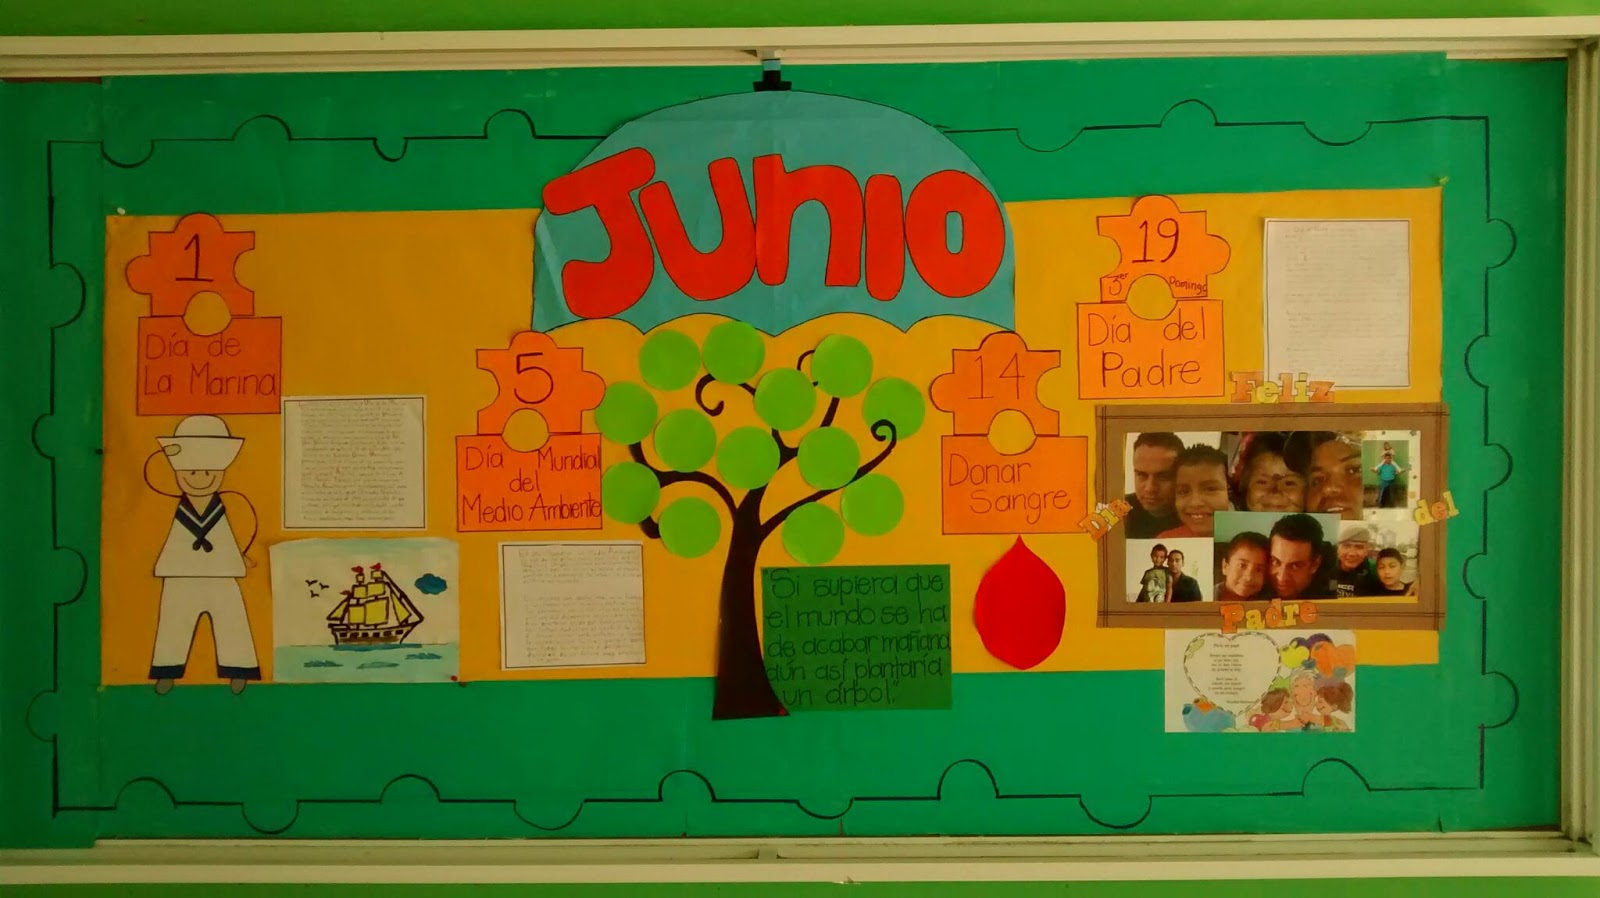 Escuela primaria nicol s bravo nuestro peri dico mural for Deportes para el periodico mural